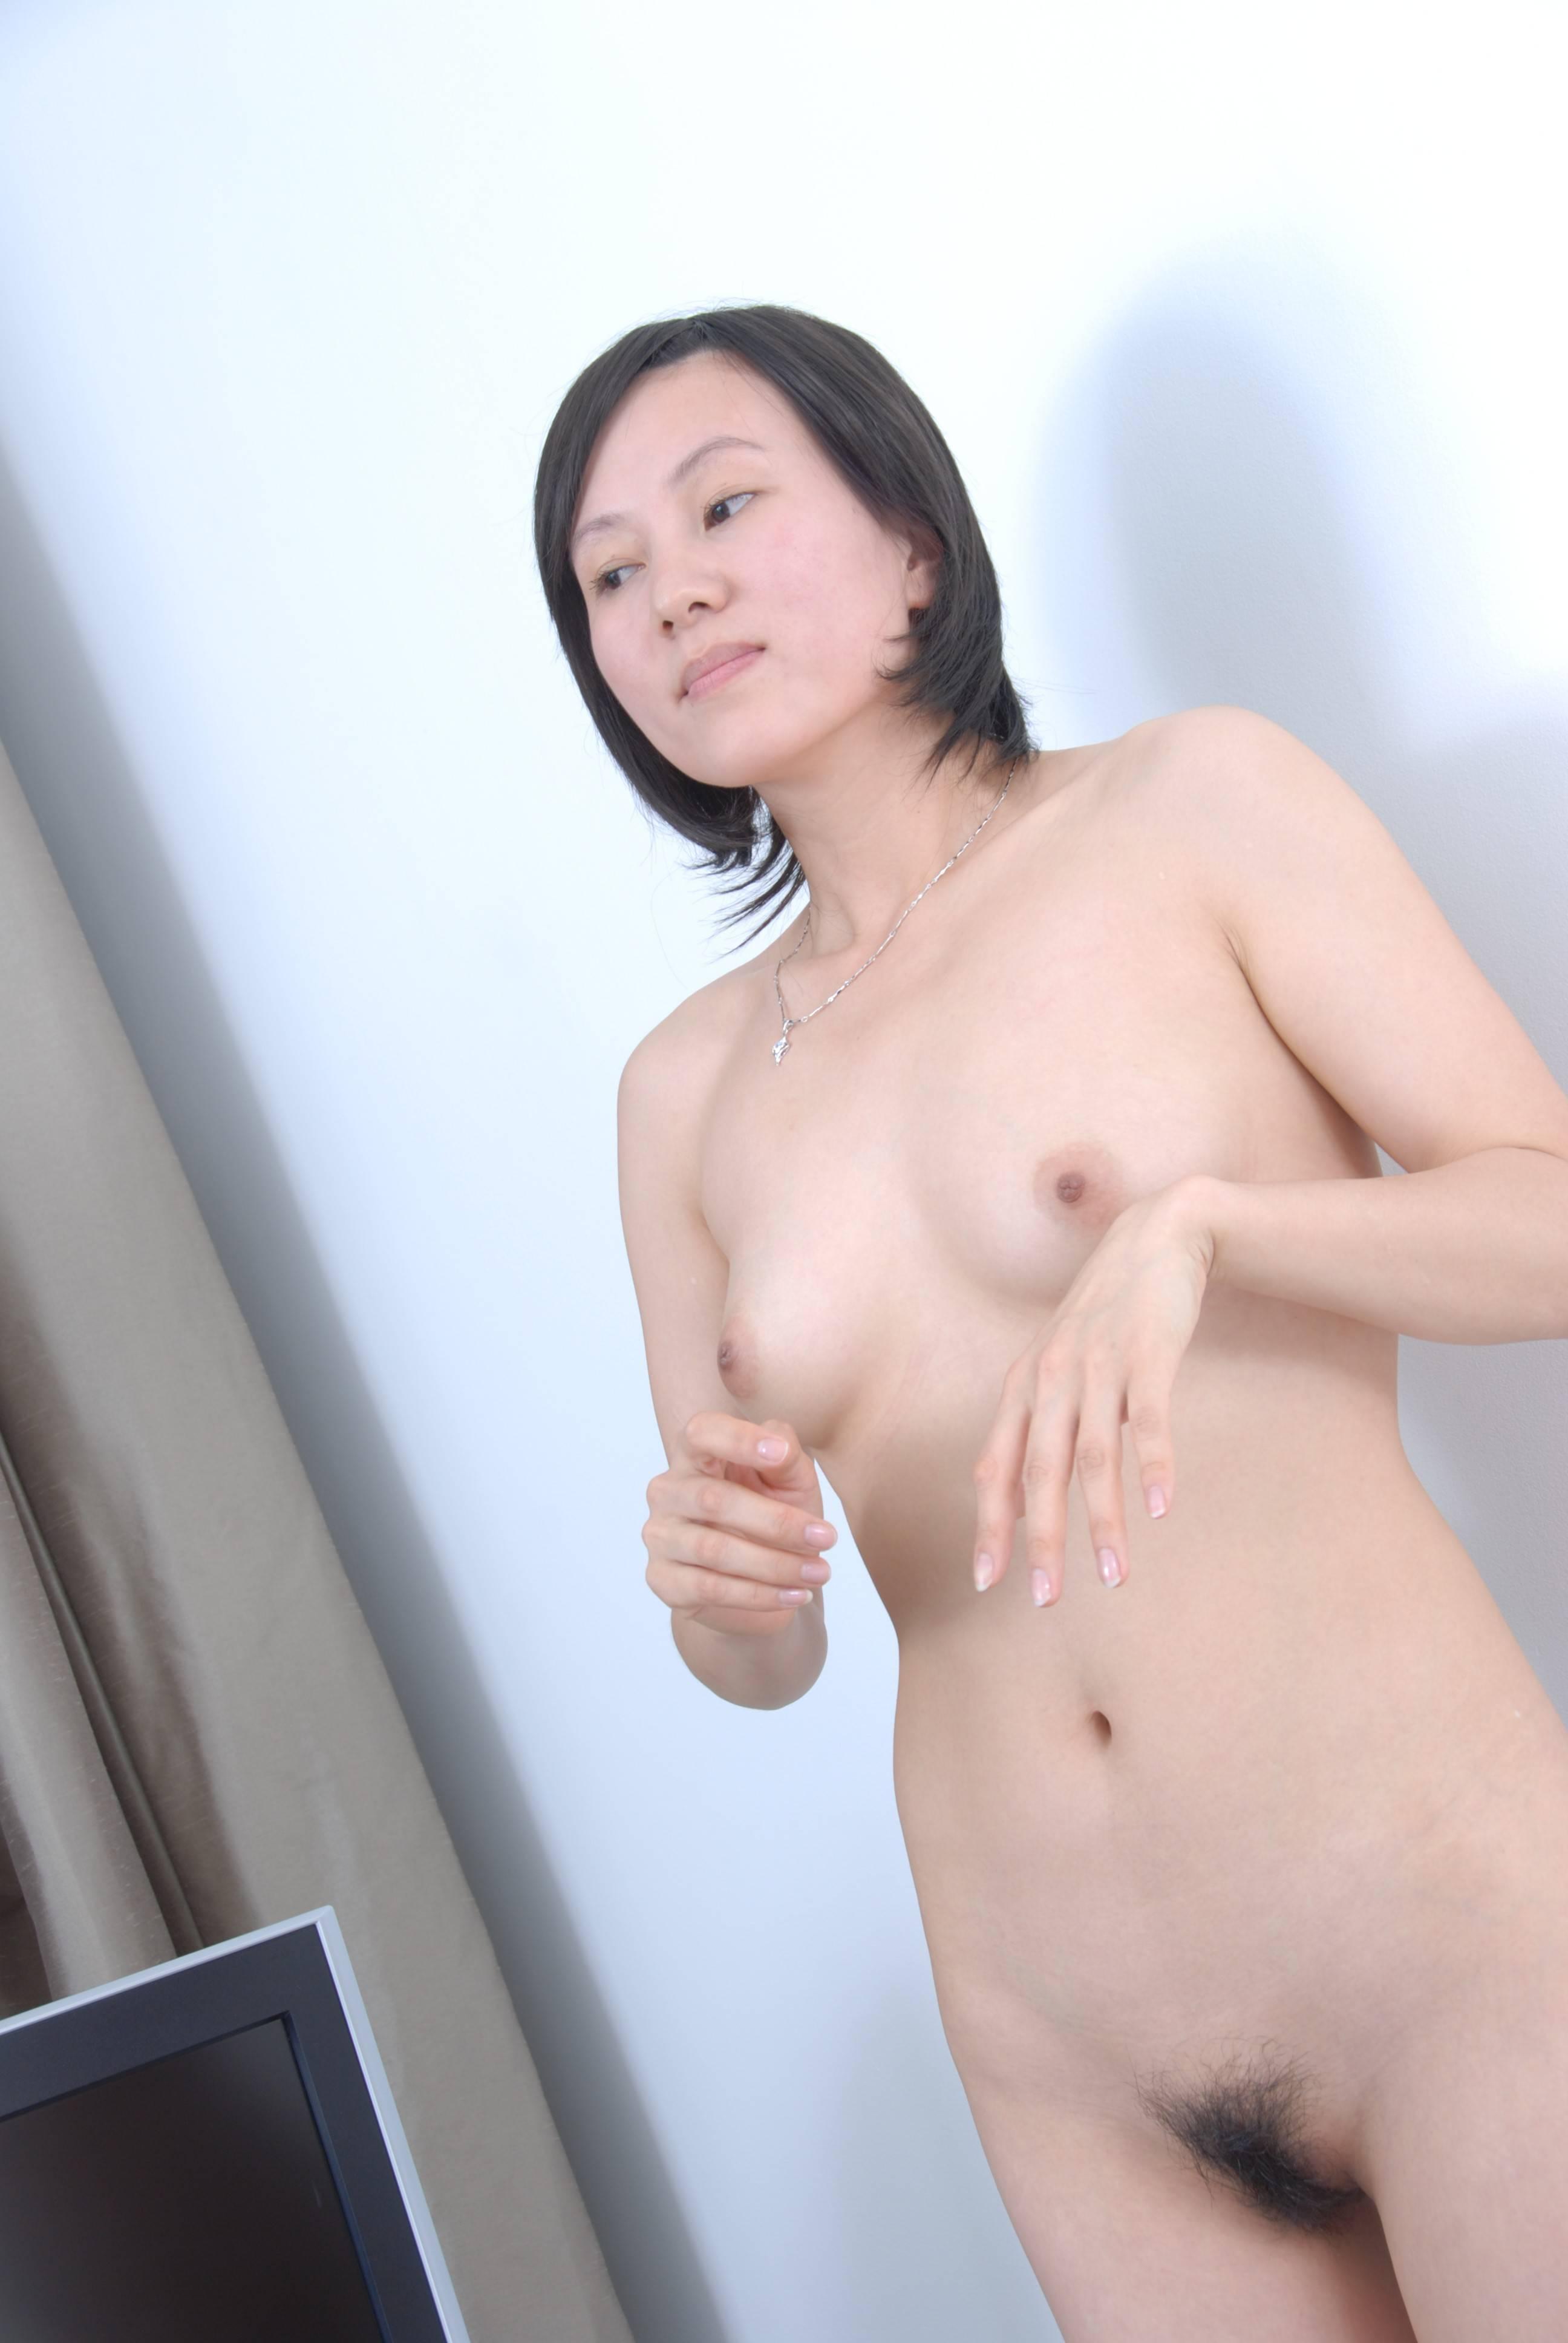 tubuh seksi putih mulus dan memek lower berlendir lonte gadis manis mahasiswi bokingan.jpg